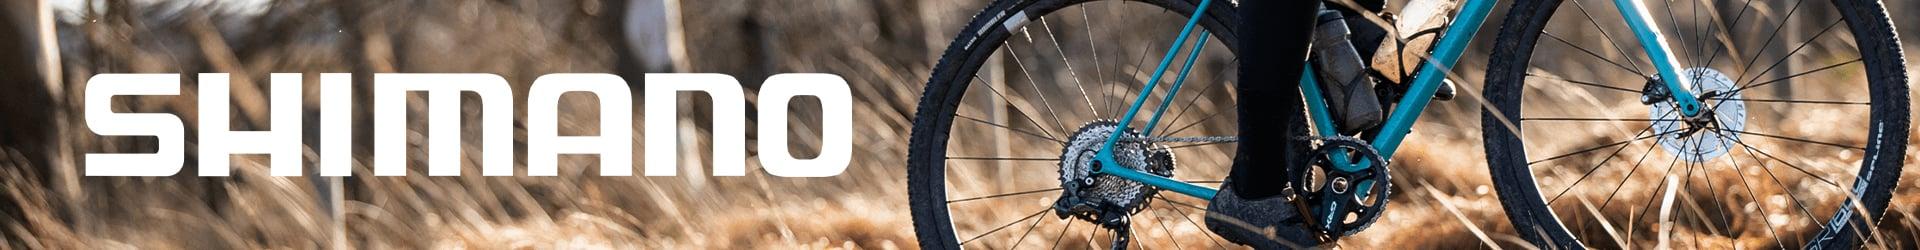 accesorios de bicicleta Shimano